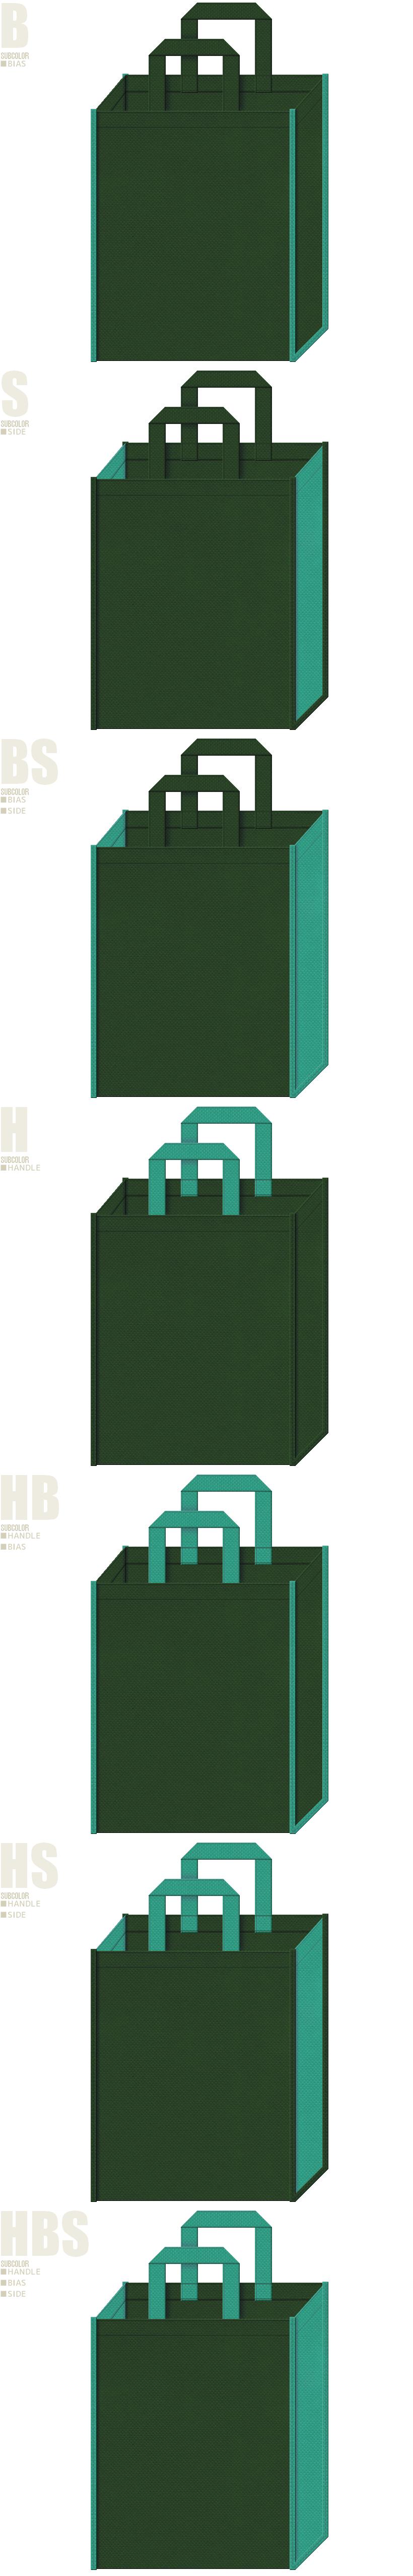 ビルの緑化推進・屋上緑化・壁面緑化の展示会用バッグにお奨めの不織布バッグデザイン:濃緑色と青緑色の不織布バッグ配色7パターン。